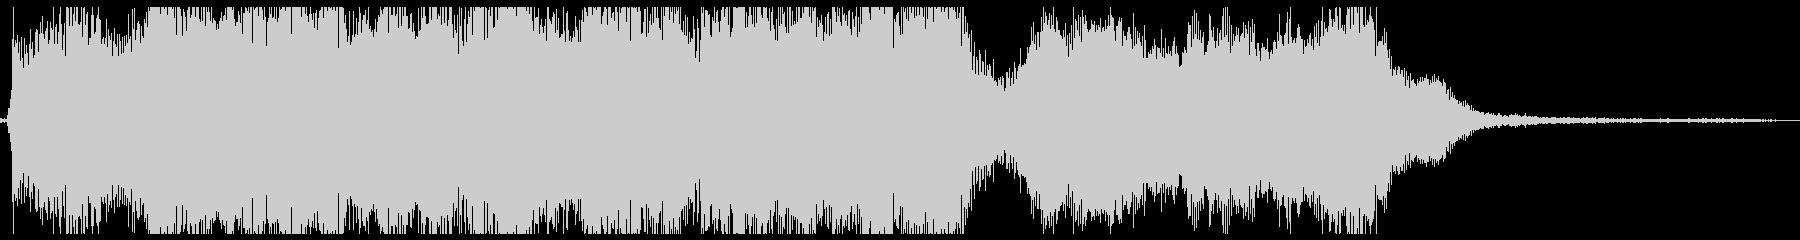 和風オーケストラ:タイトルロゴ,ジングルの未再生の波形